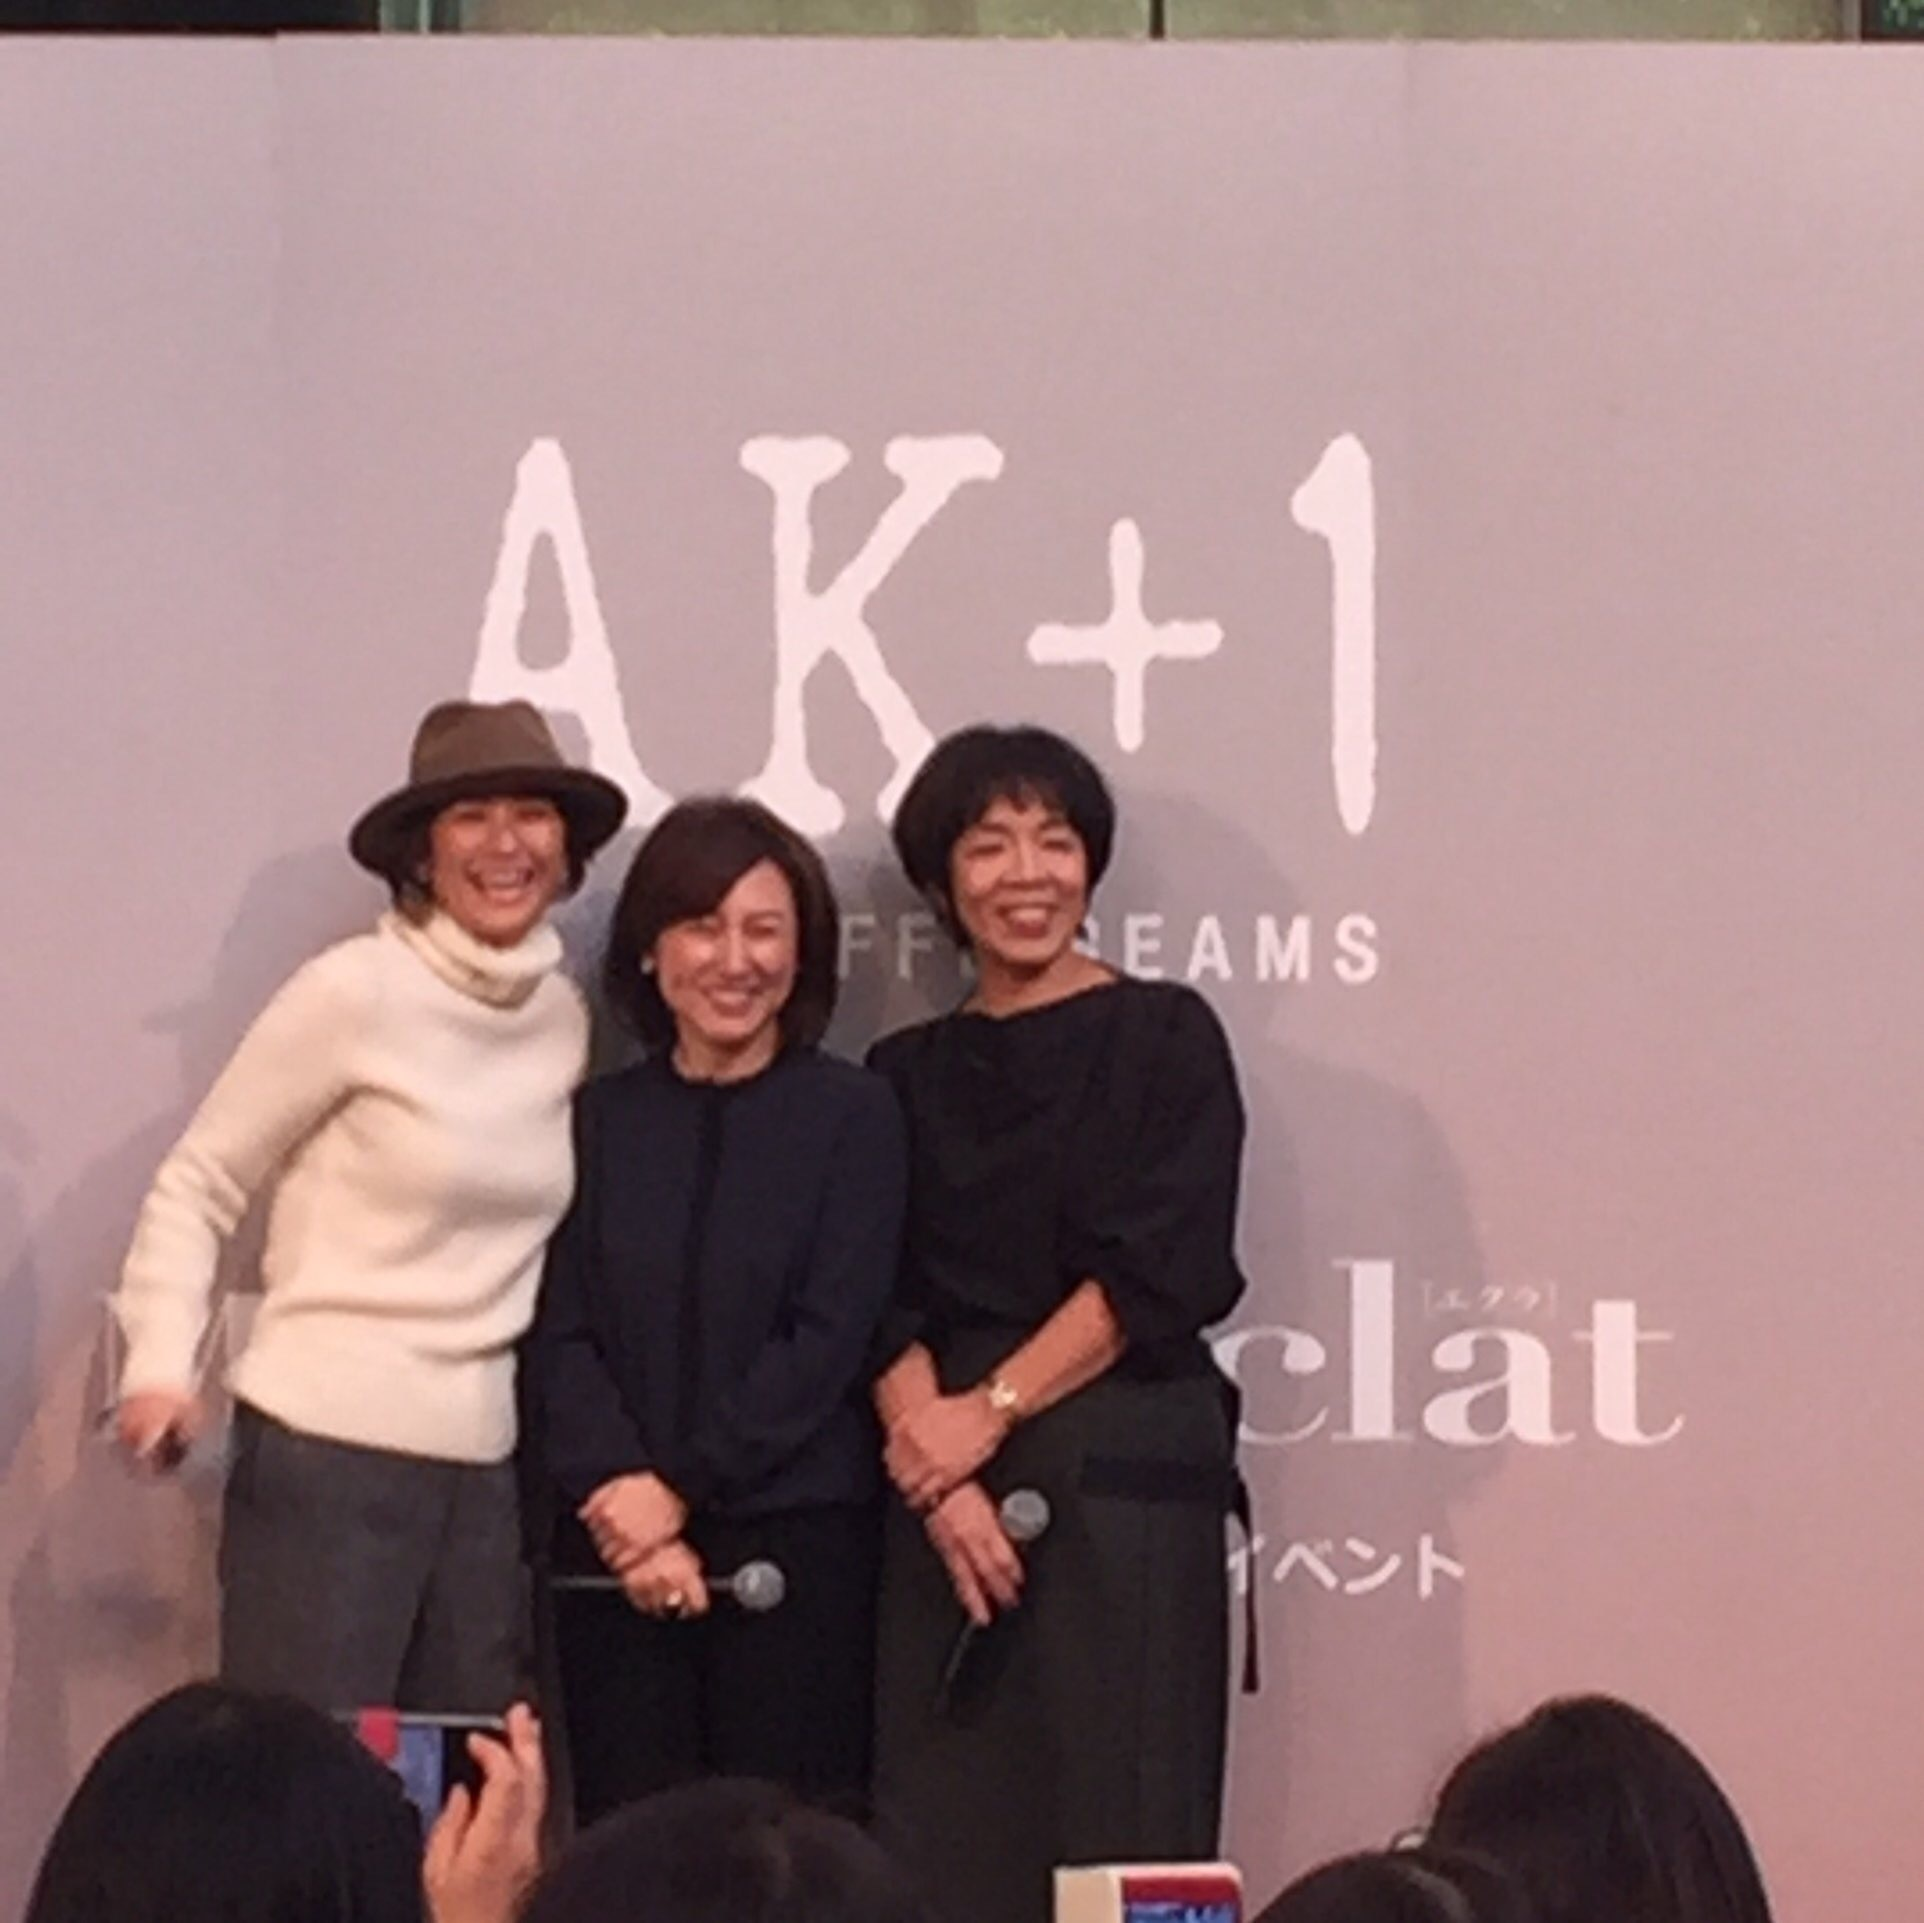 亜希さんに会えた♡AK+1 BY EFFE BEAMSイベントへ_1_3-3